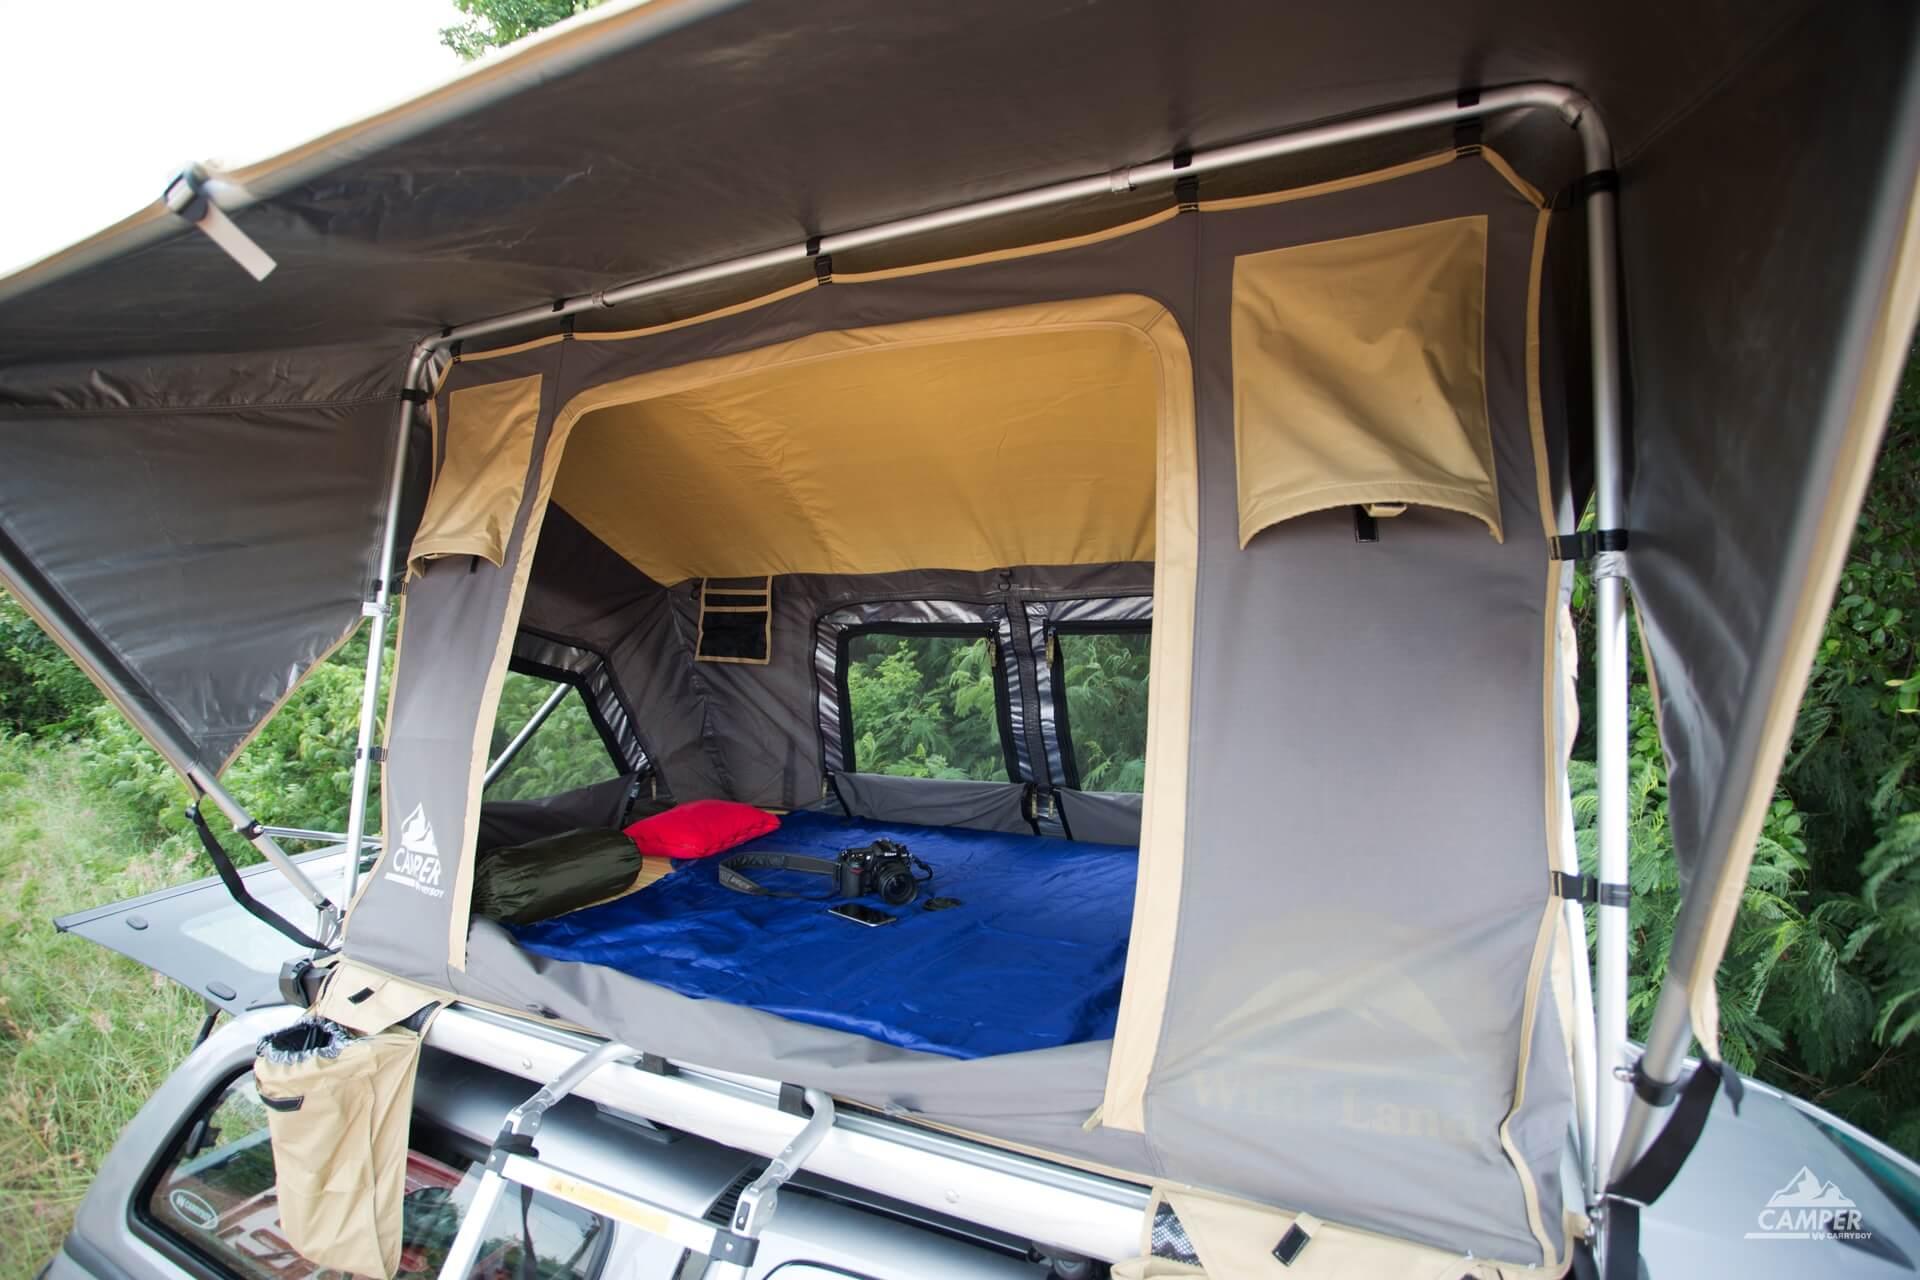 Carryboy Camper Dachzelt für 2 bis 3 Personen für alle Fahrzeuge bequemer Einstieg